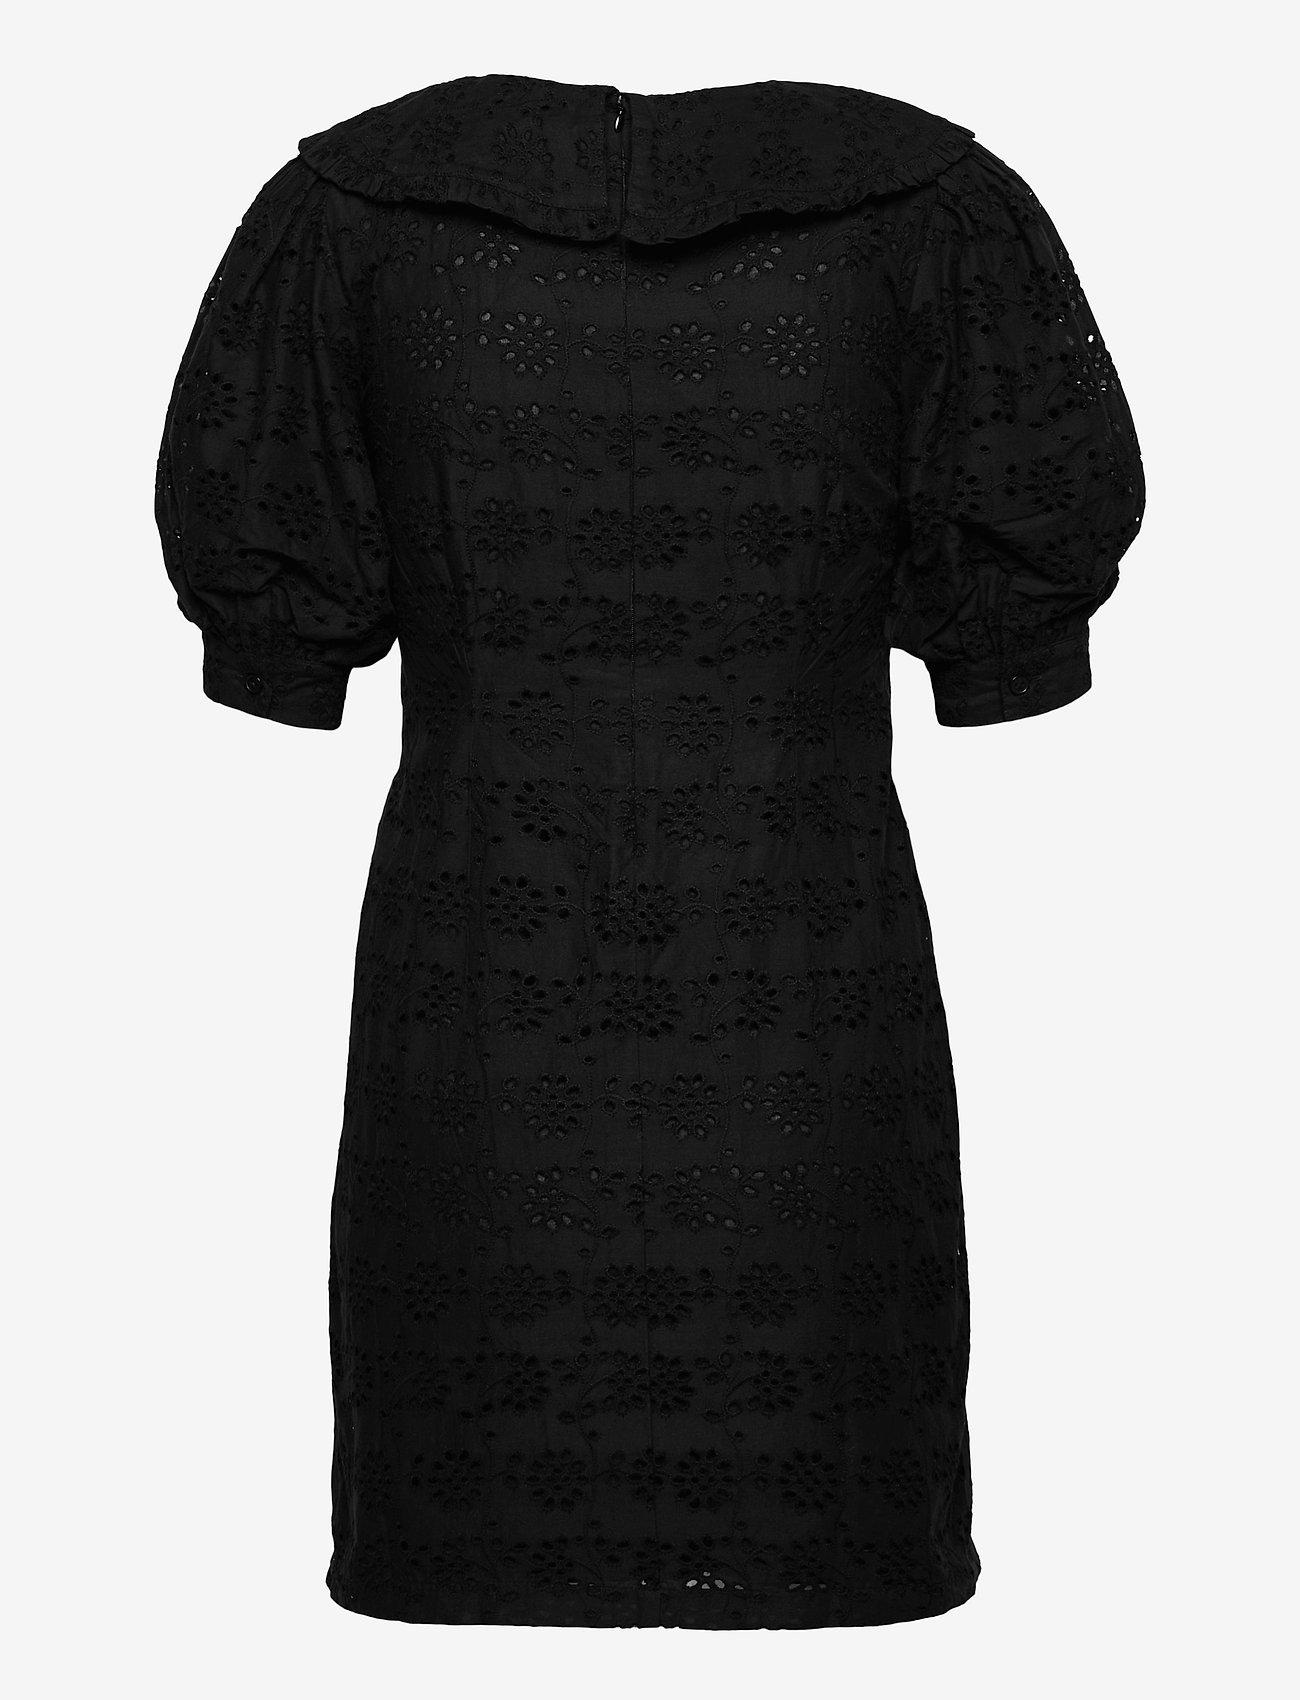 Envii - ENWISTERIA DRESS 6732 - sommerkjoler - black - 1